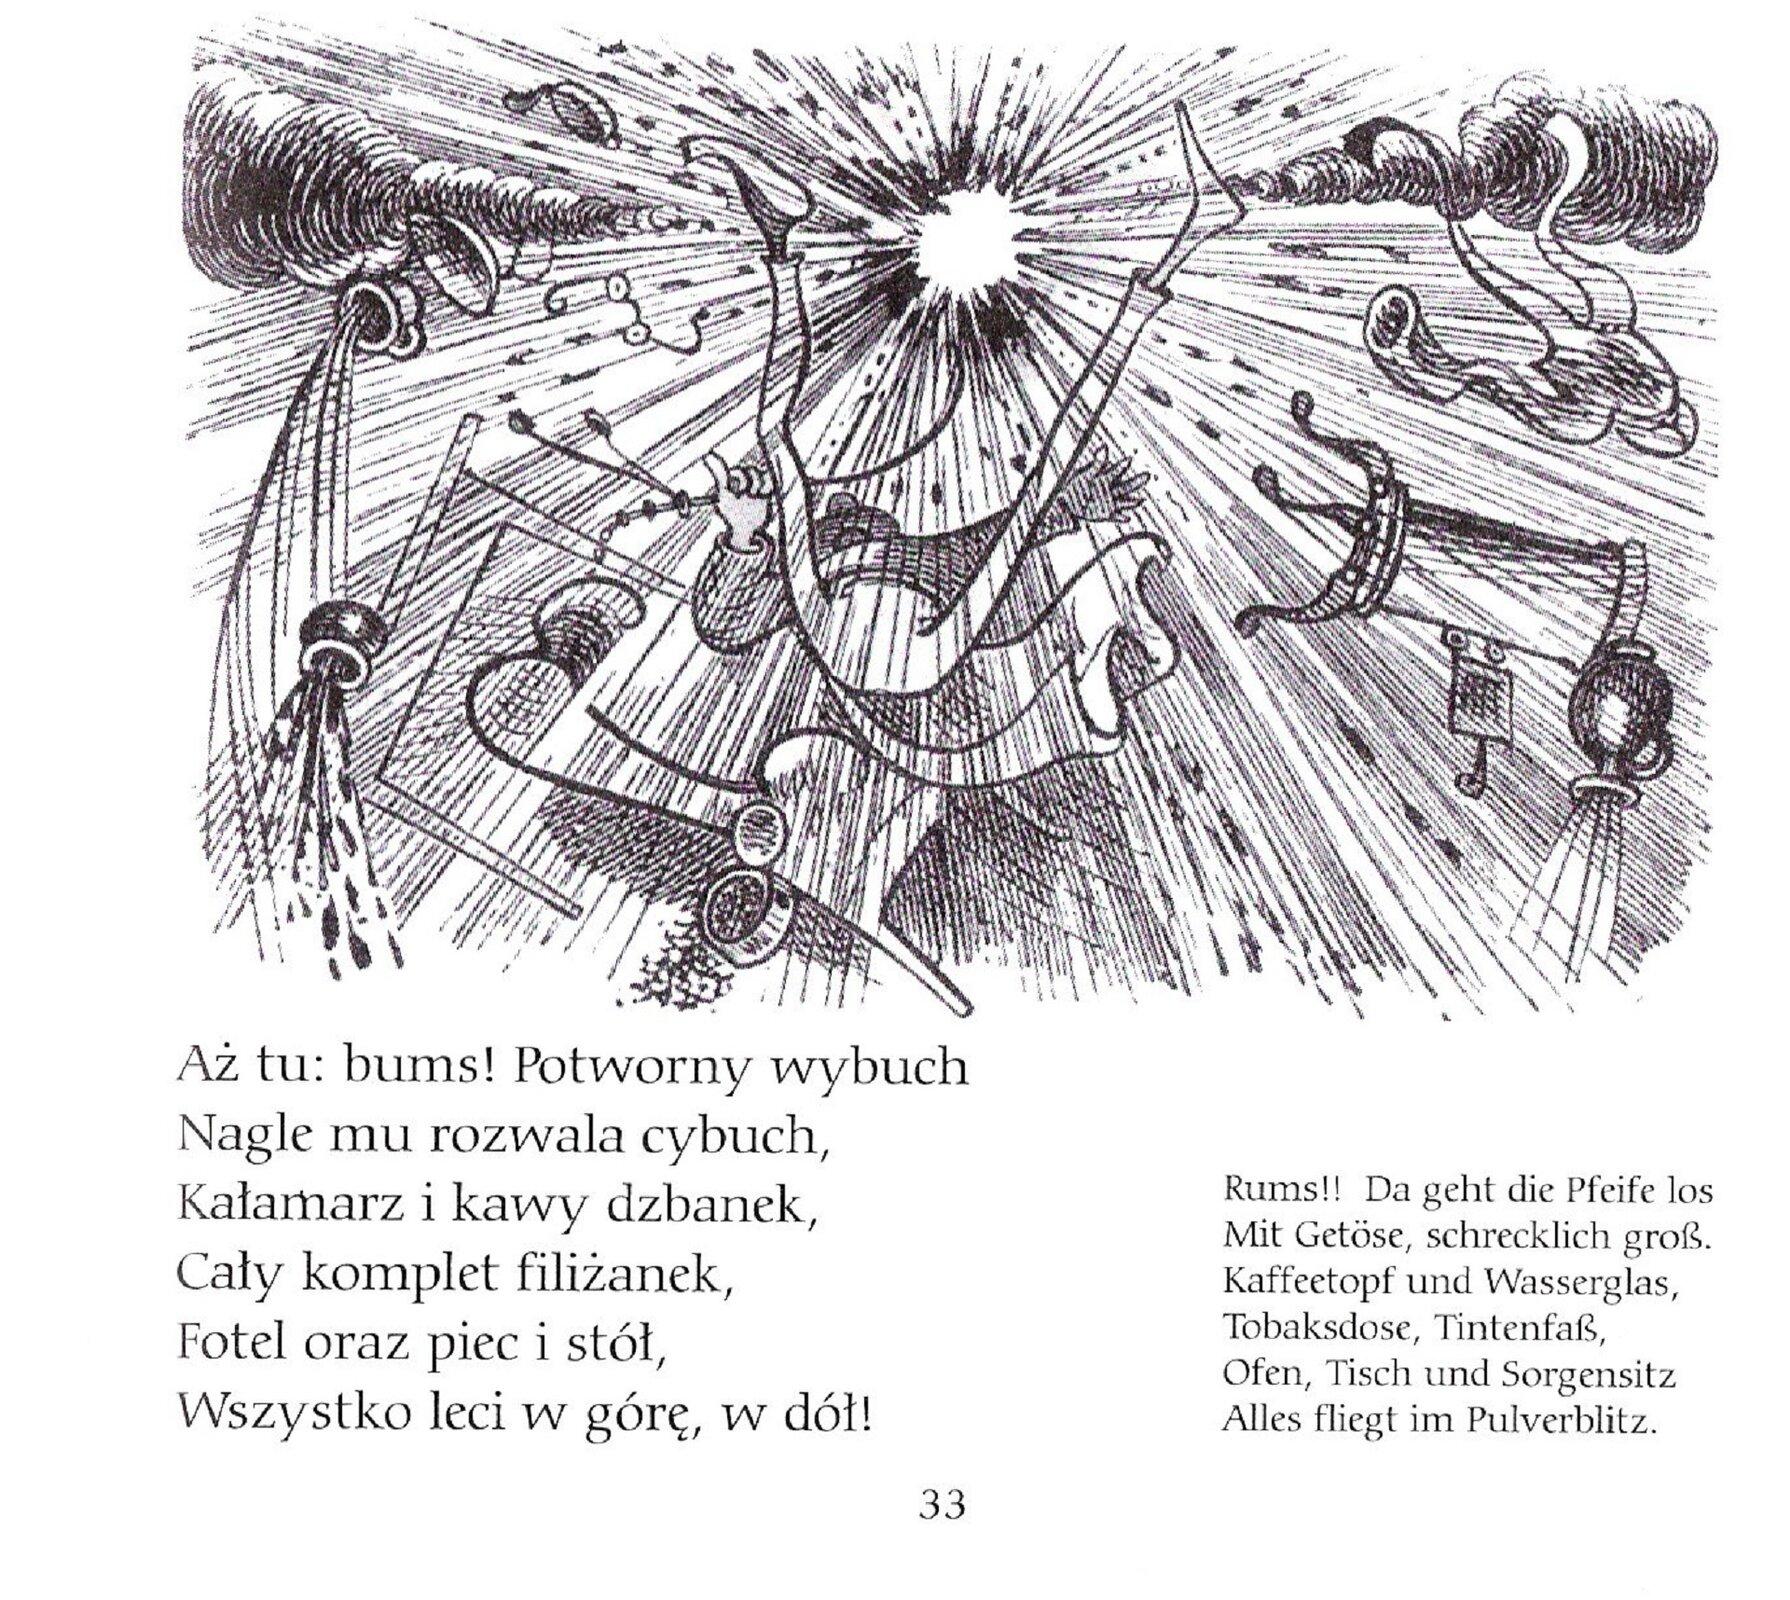 Czarnobiała ilustracja przedstawiająca wybuch, męzczyzna spada zfotela, filiżanki, kałamarz piec istół wszystko wyleciało wgórę.